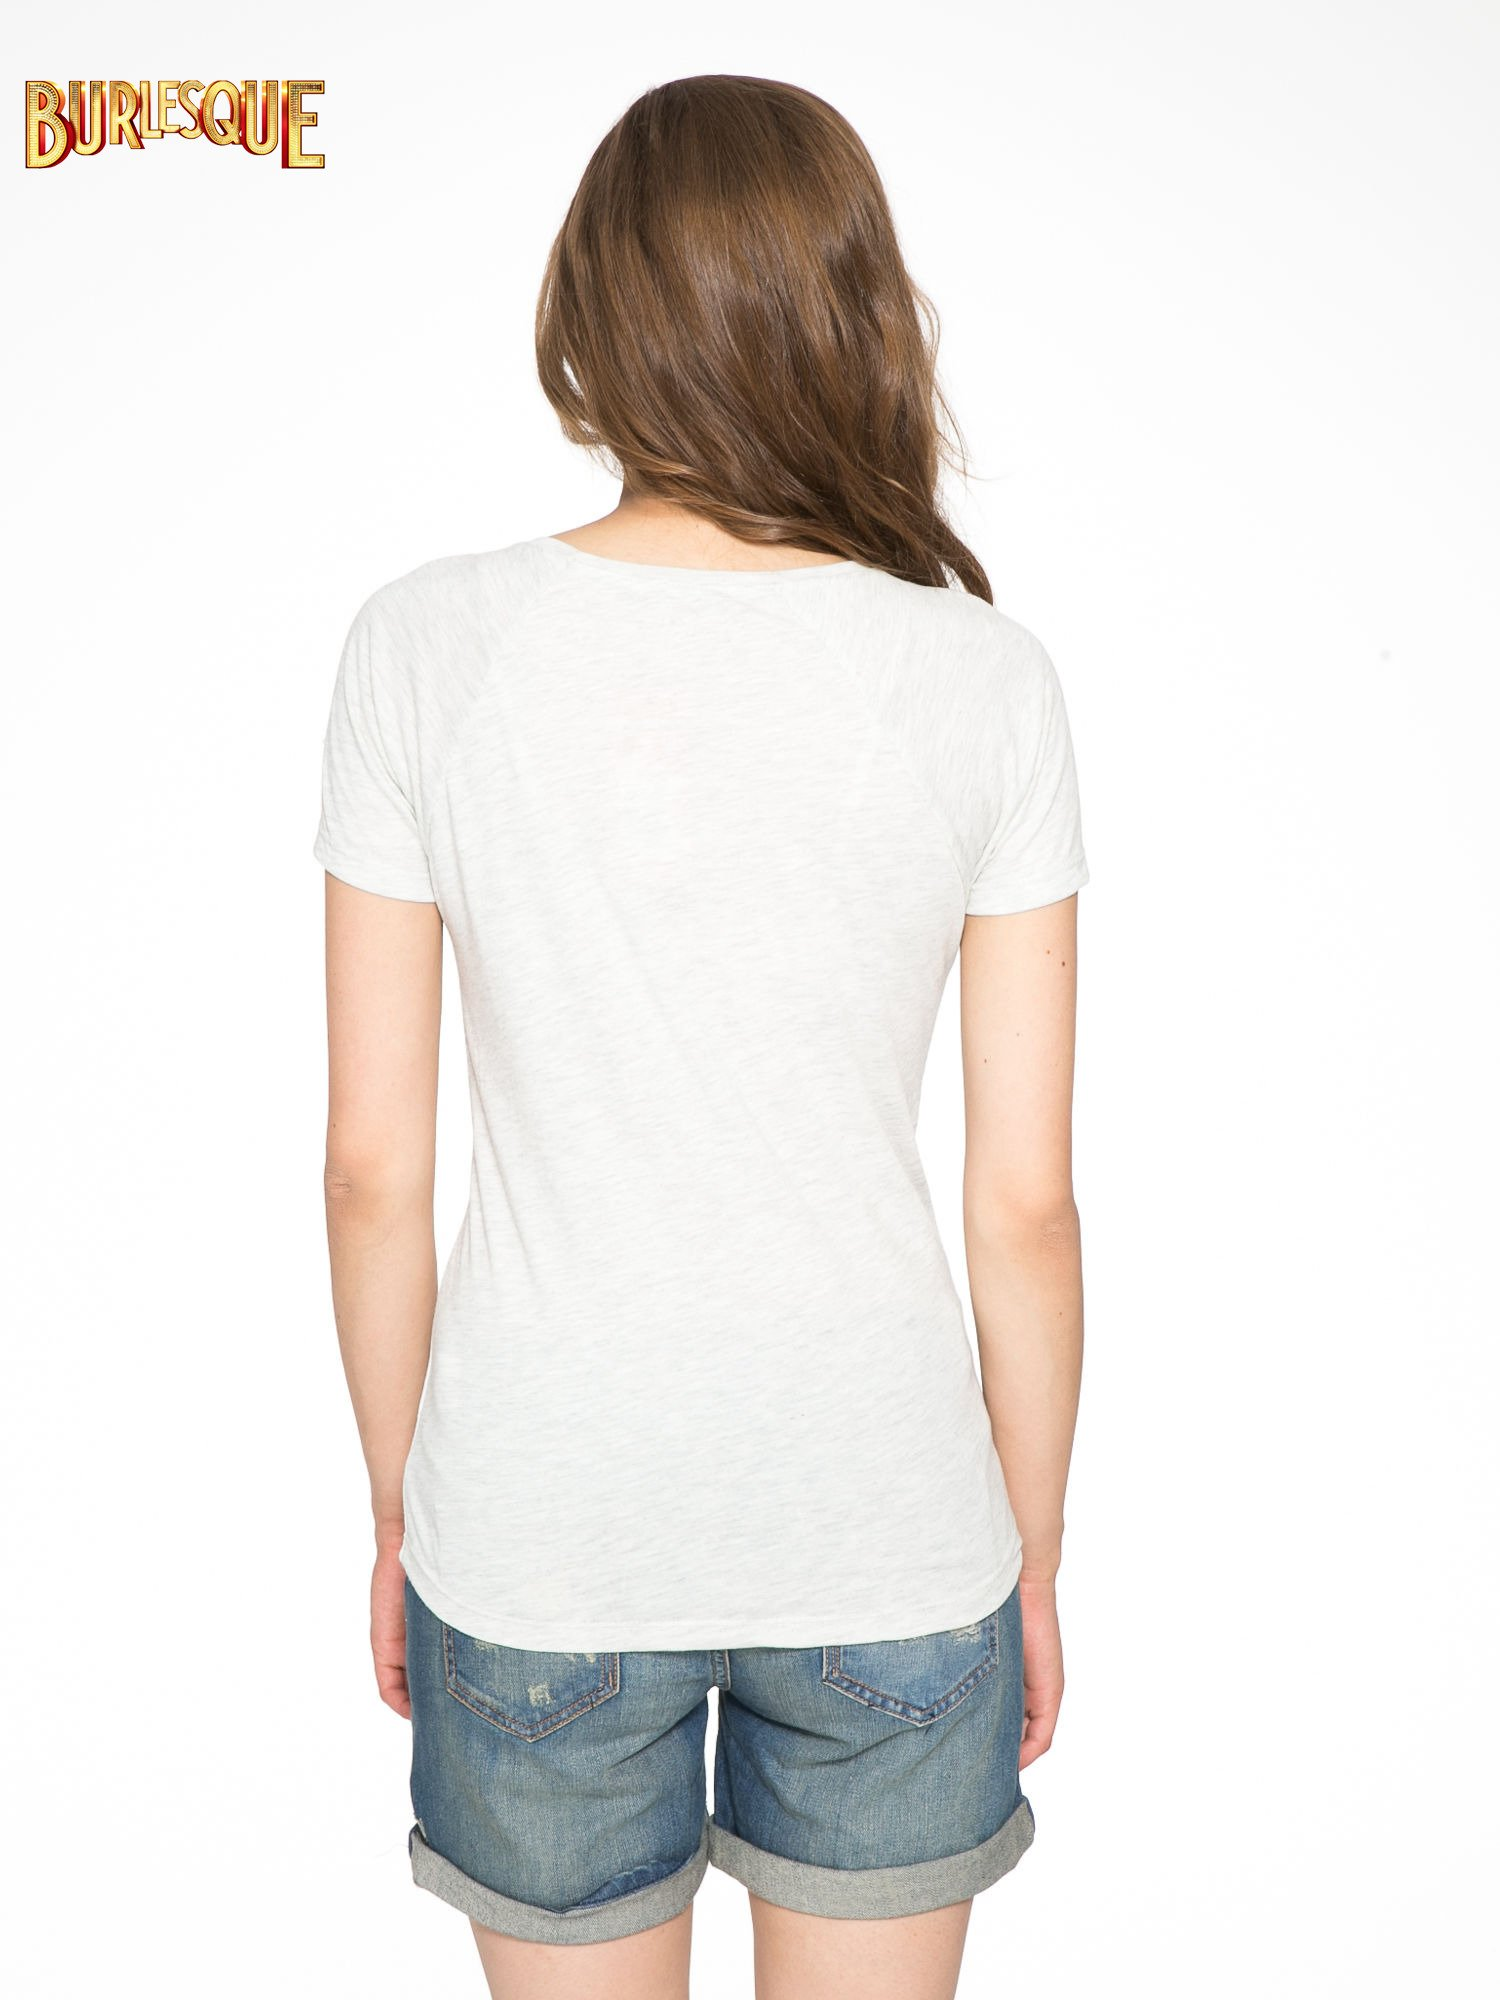 Szary t-shirt z nadrukiem pejzażu i napisem EXQUISTE z dżetami                                  zdj.                                  4